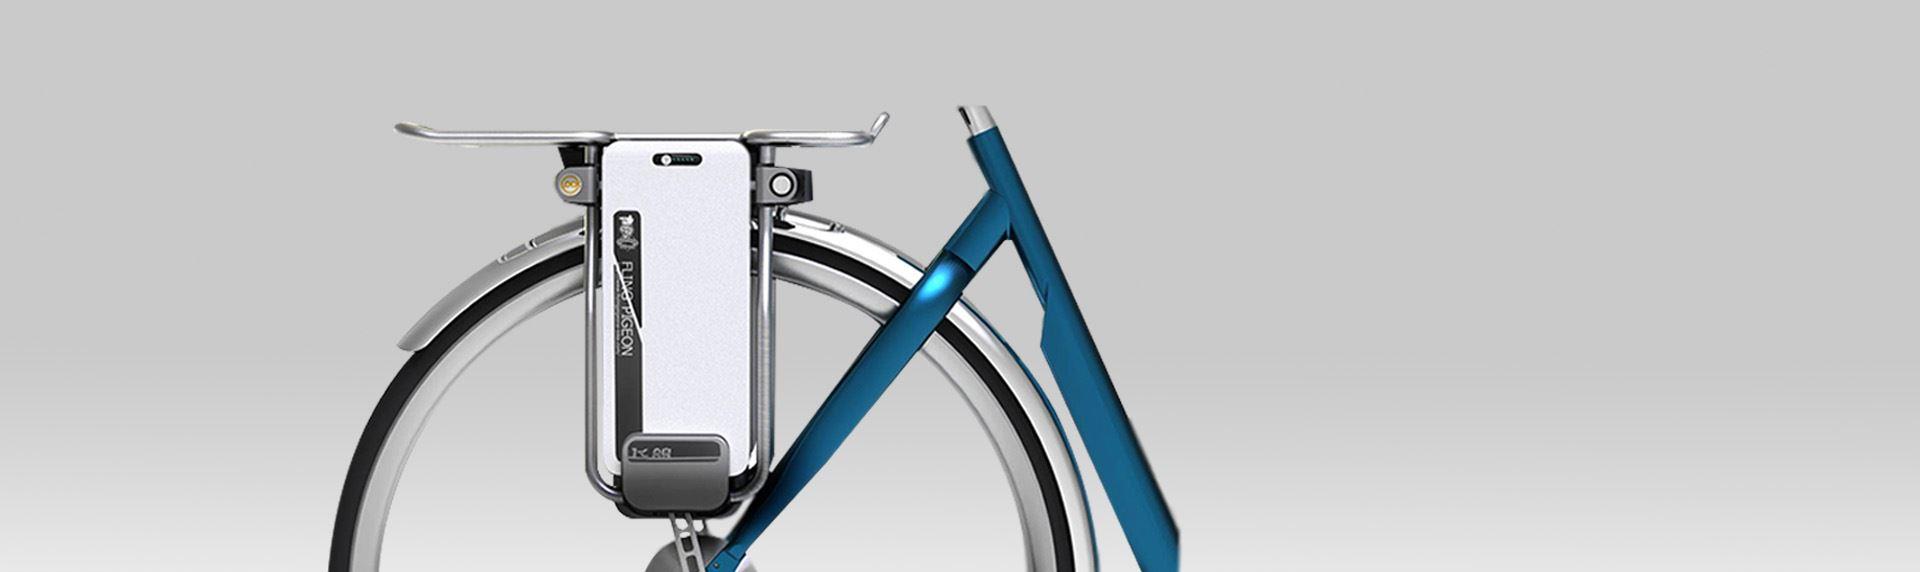 欧意设计-挎包式衣架锂电池